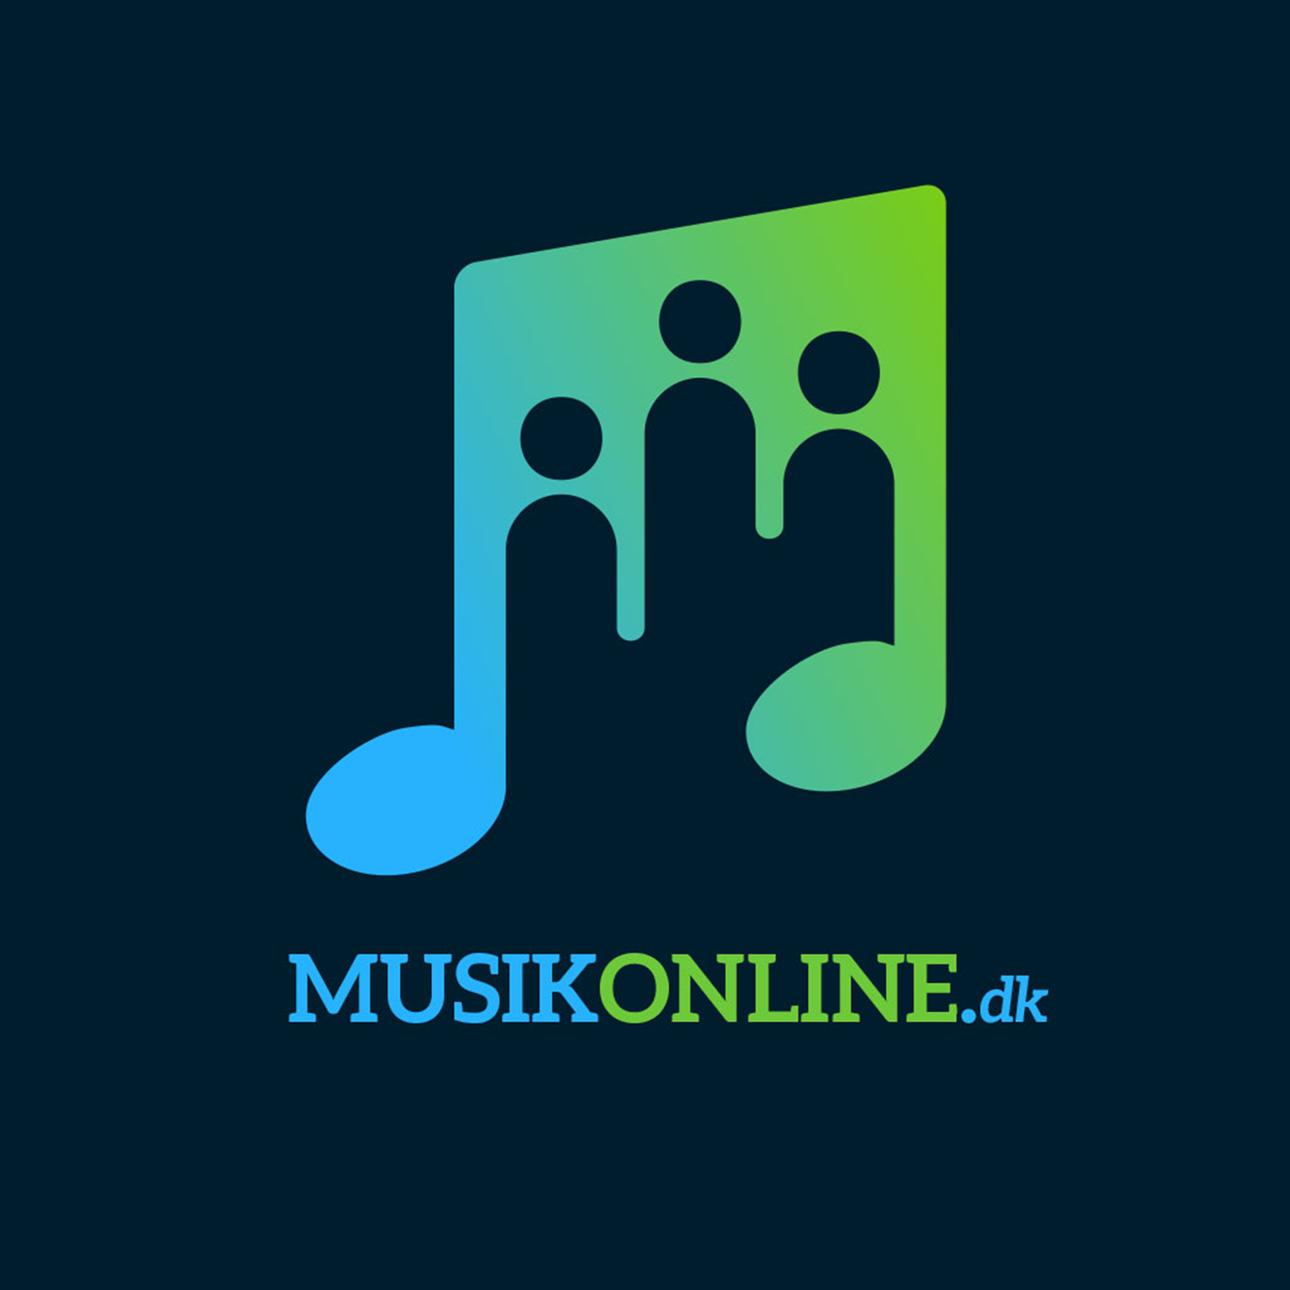 Musikonline.dk